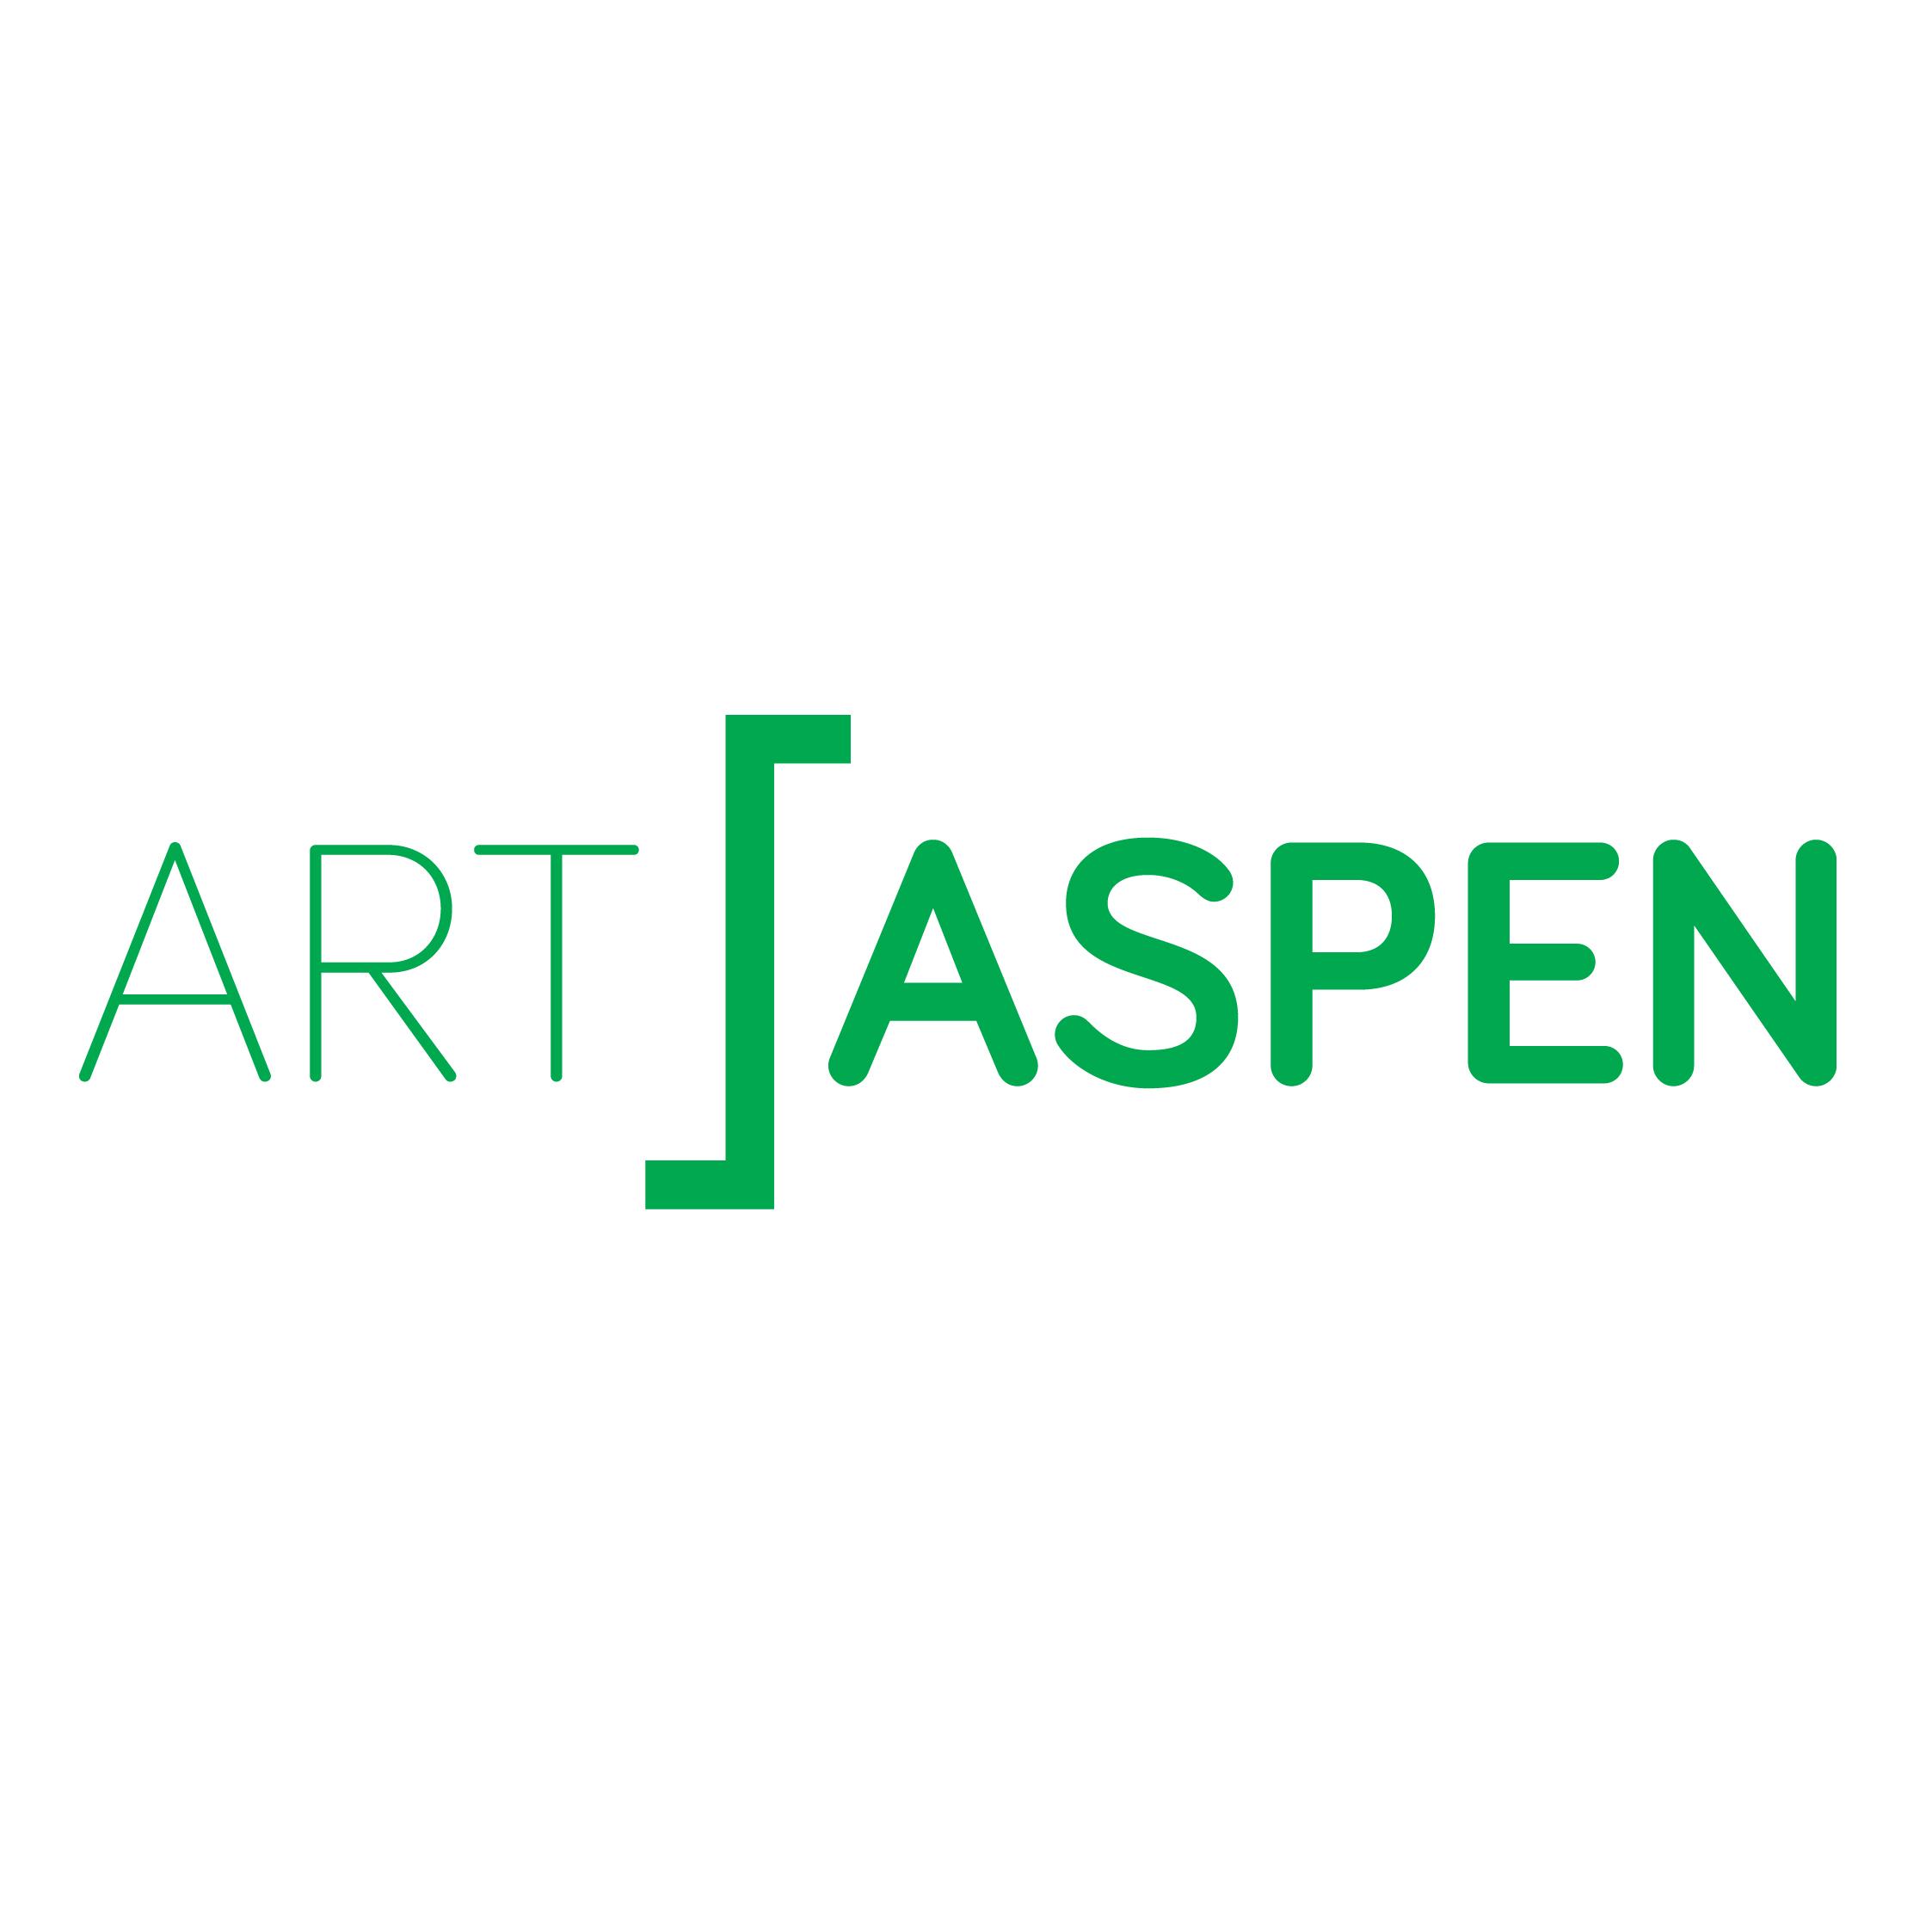 Art Aspen logo.jpg